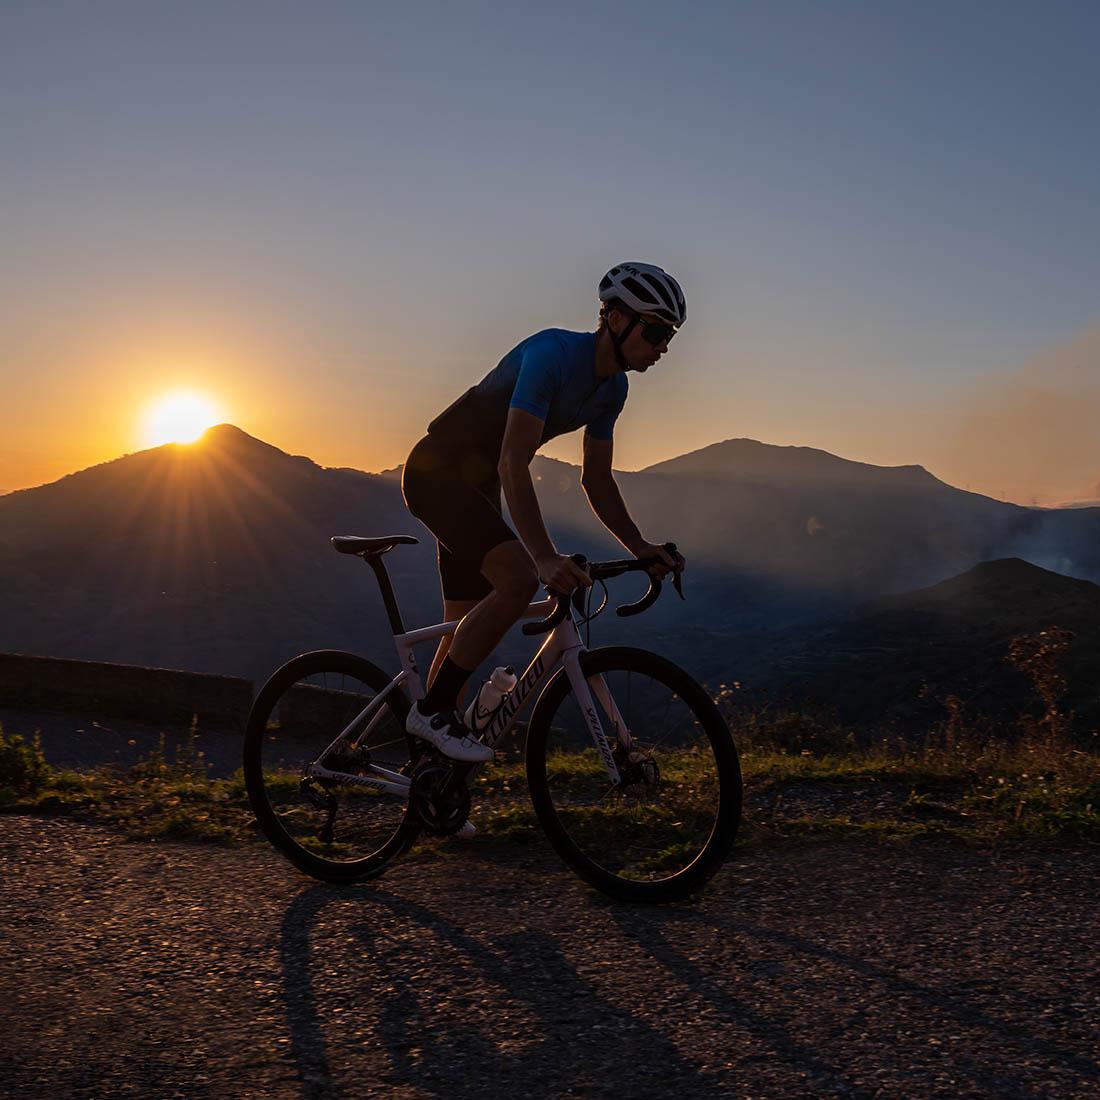 piękne okoliczności przyrody na włoskiej wyspie Sycylia - idealne miejsce do uprawiania kolarstwa